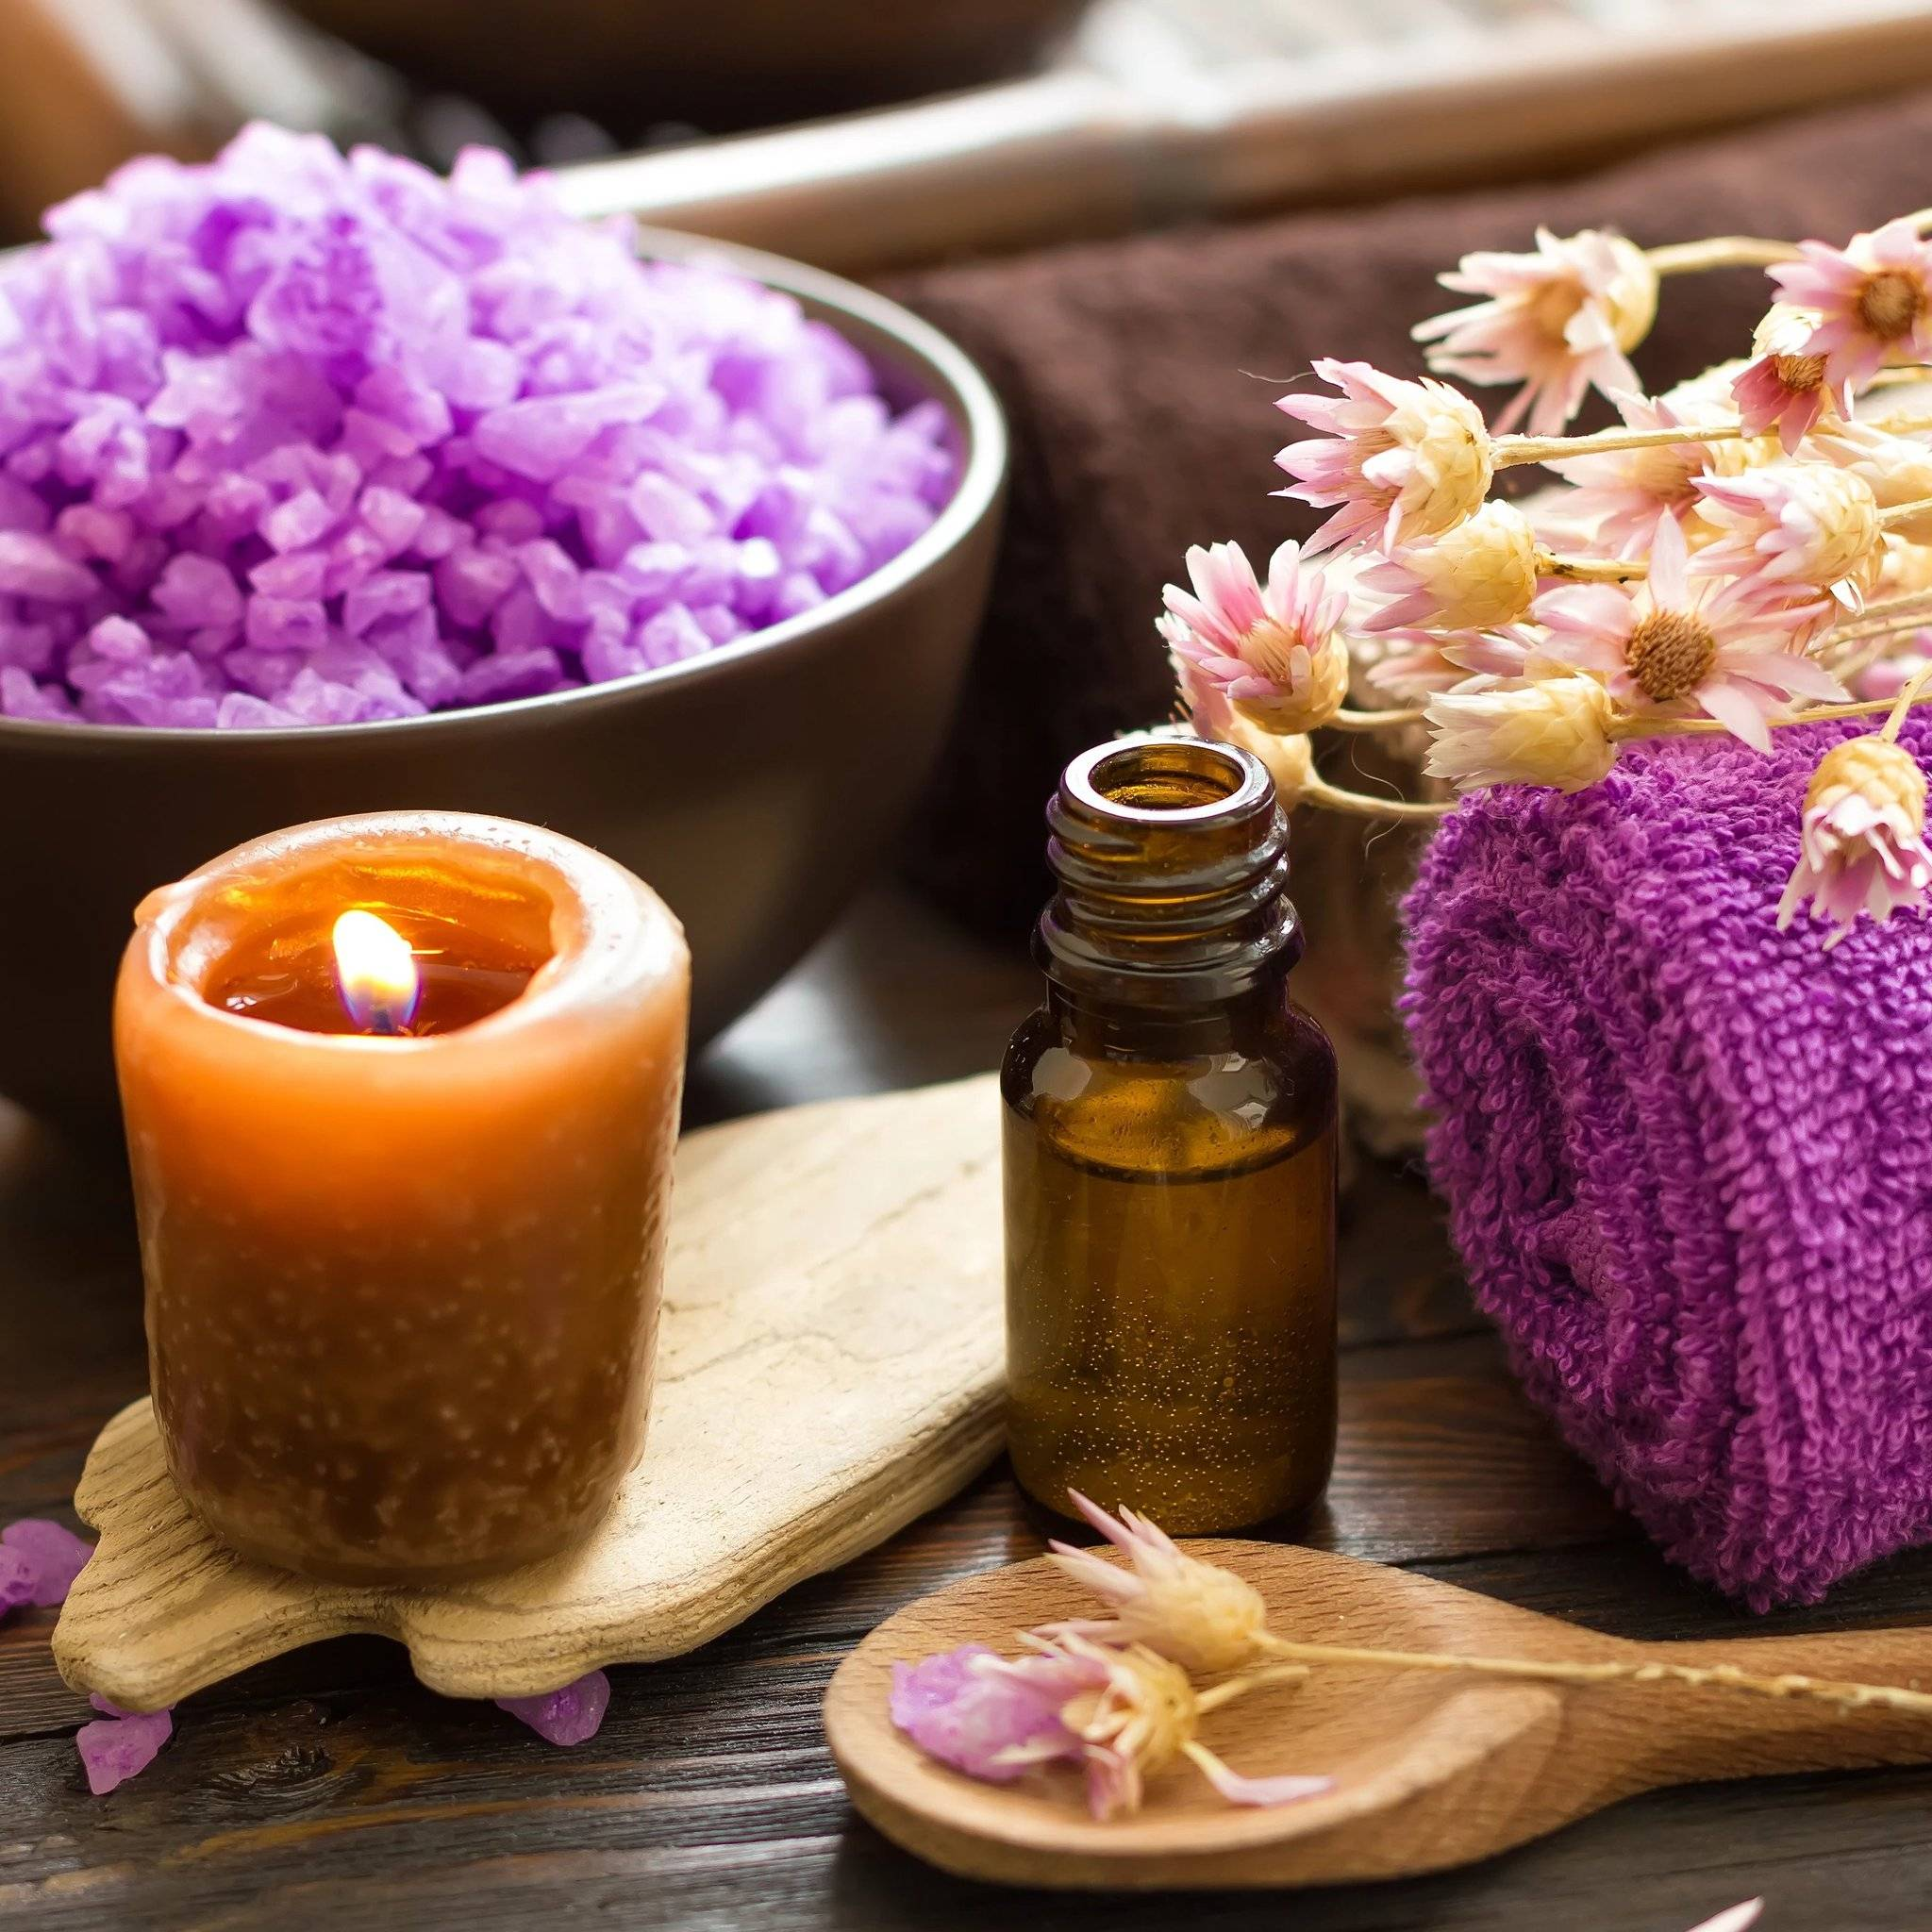 Эфирное масло лаванды – свойства и применение. масло лаванды для кожи лица и волос